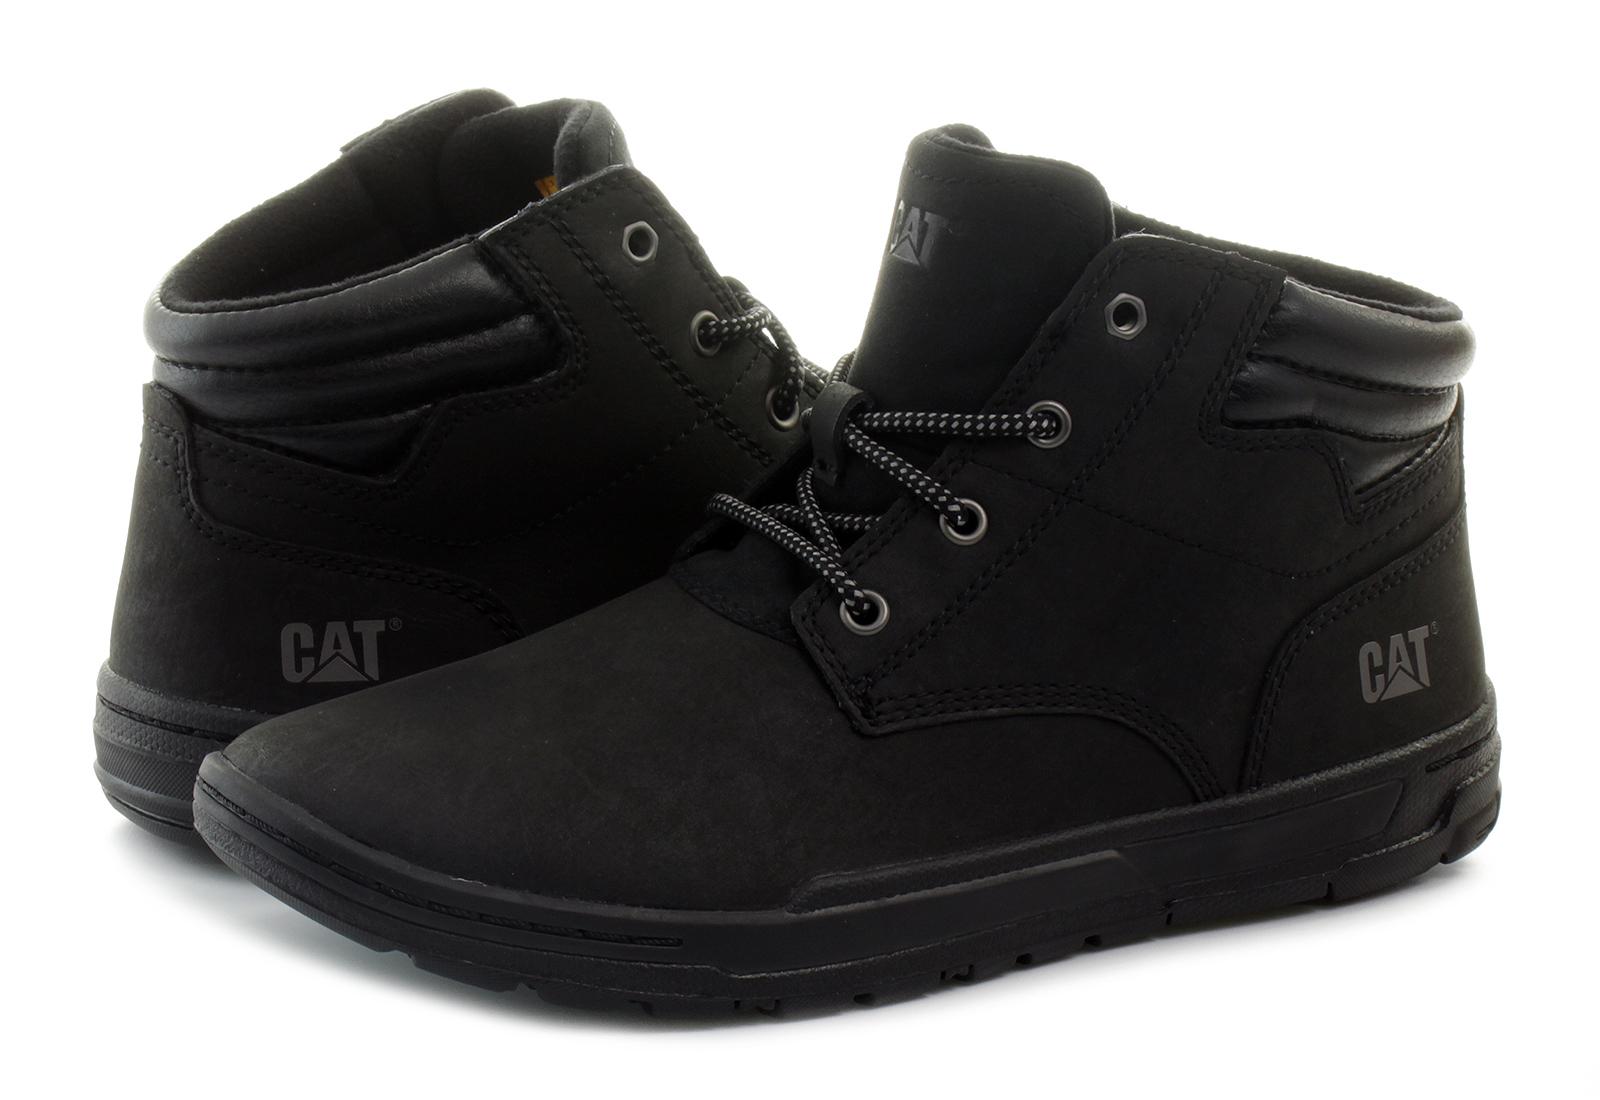 wyprzedaż resztek magazynowych szczegóły dla największa zniżka Cat Półbuty - Creedence - 721663-blk - Obuwie i buty damskie, męskie,  dziecięce w Office Shoes